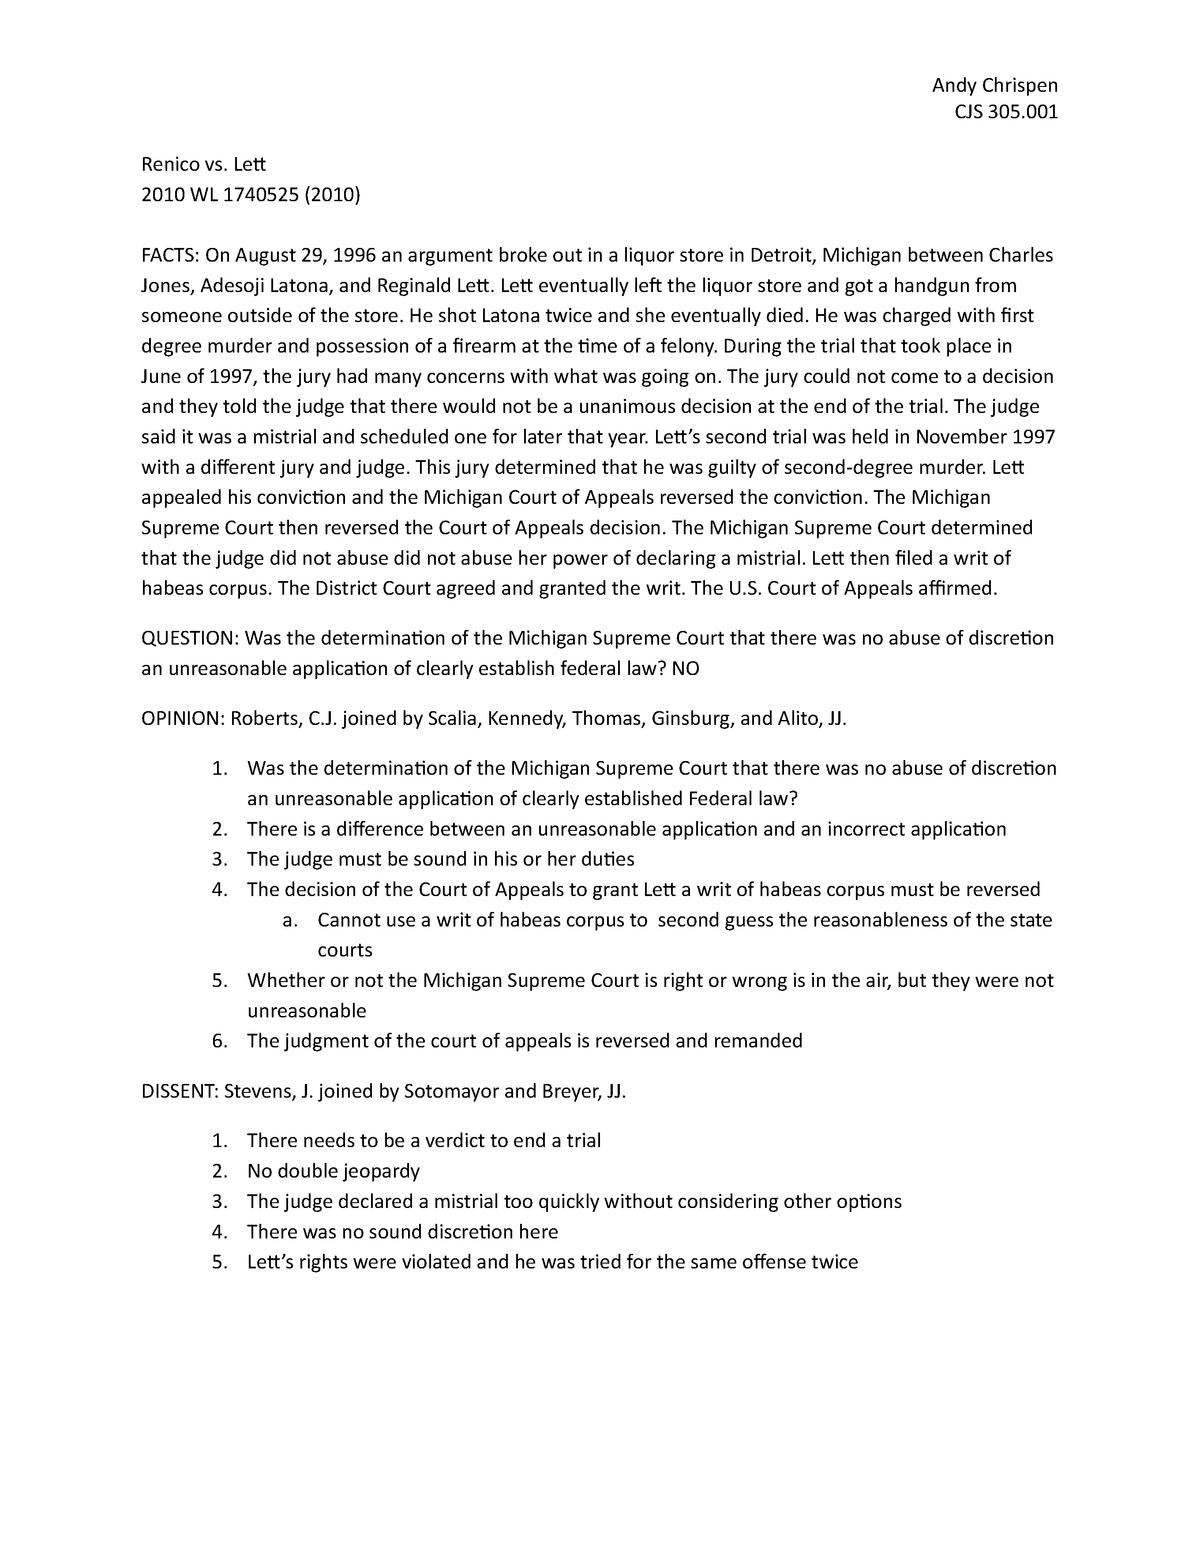 Renico vs  Lett - case brief - CJS 305: Rules Of Evidence